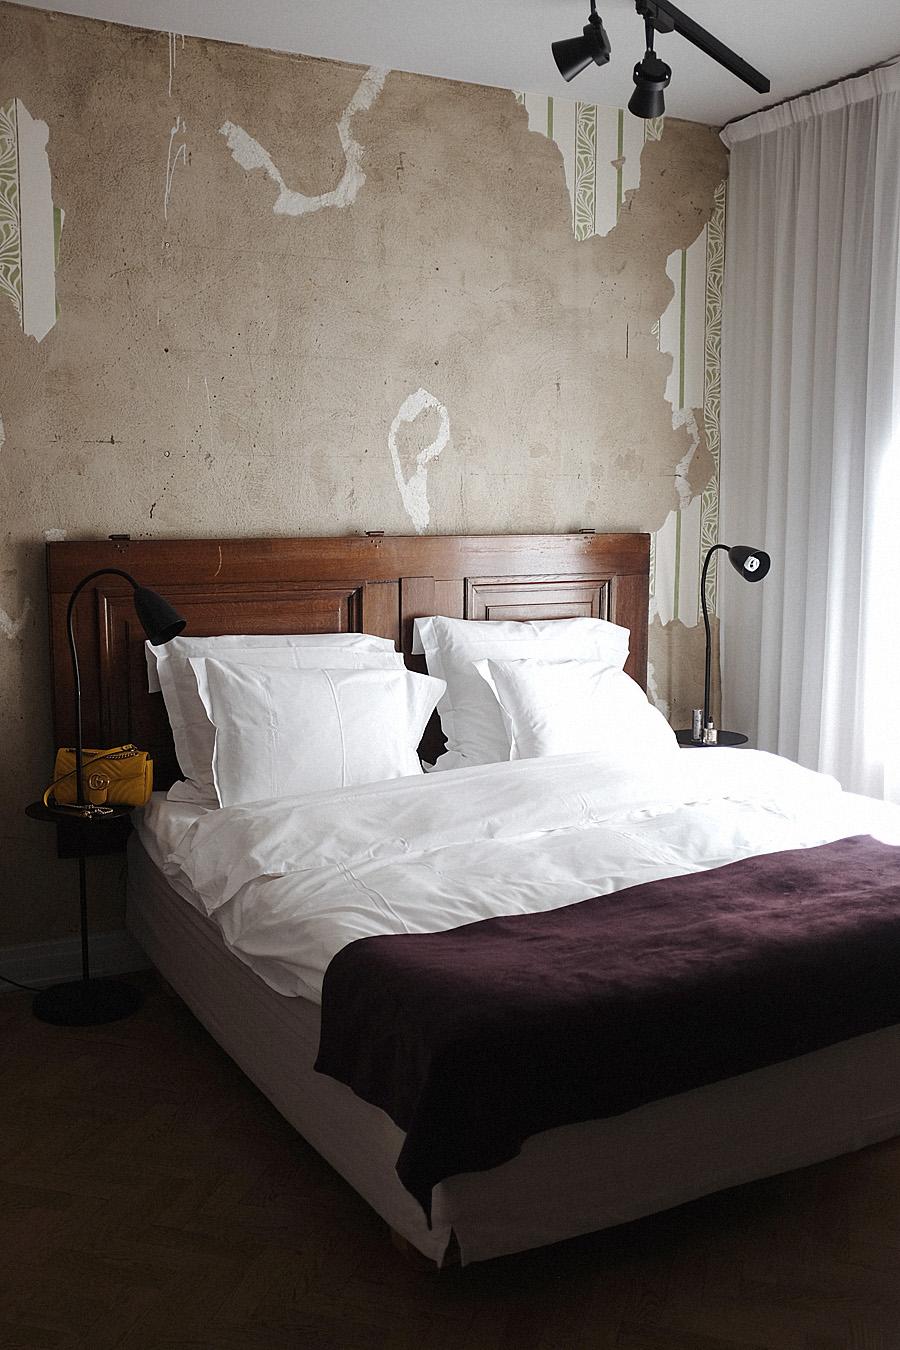 story hotel riddargatan 6 114 35 stockholm sweden. Black Bedroom Furniture Sets. Home Design Ideas